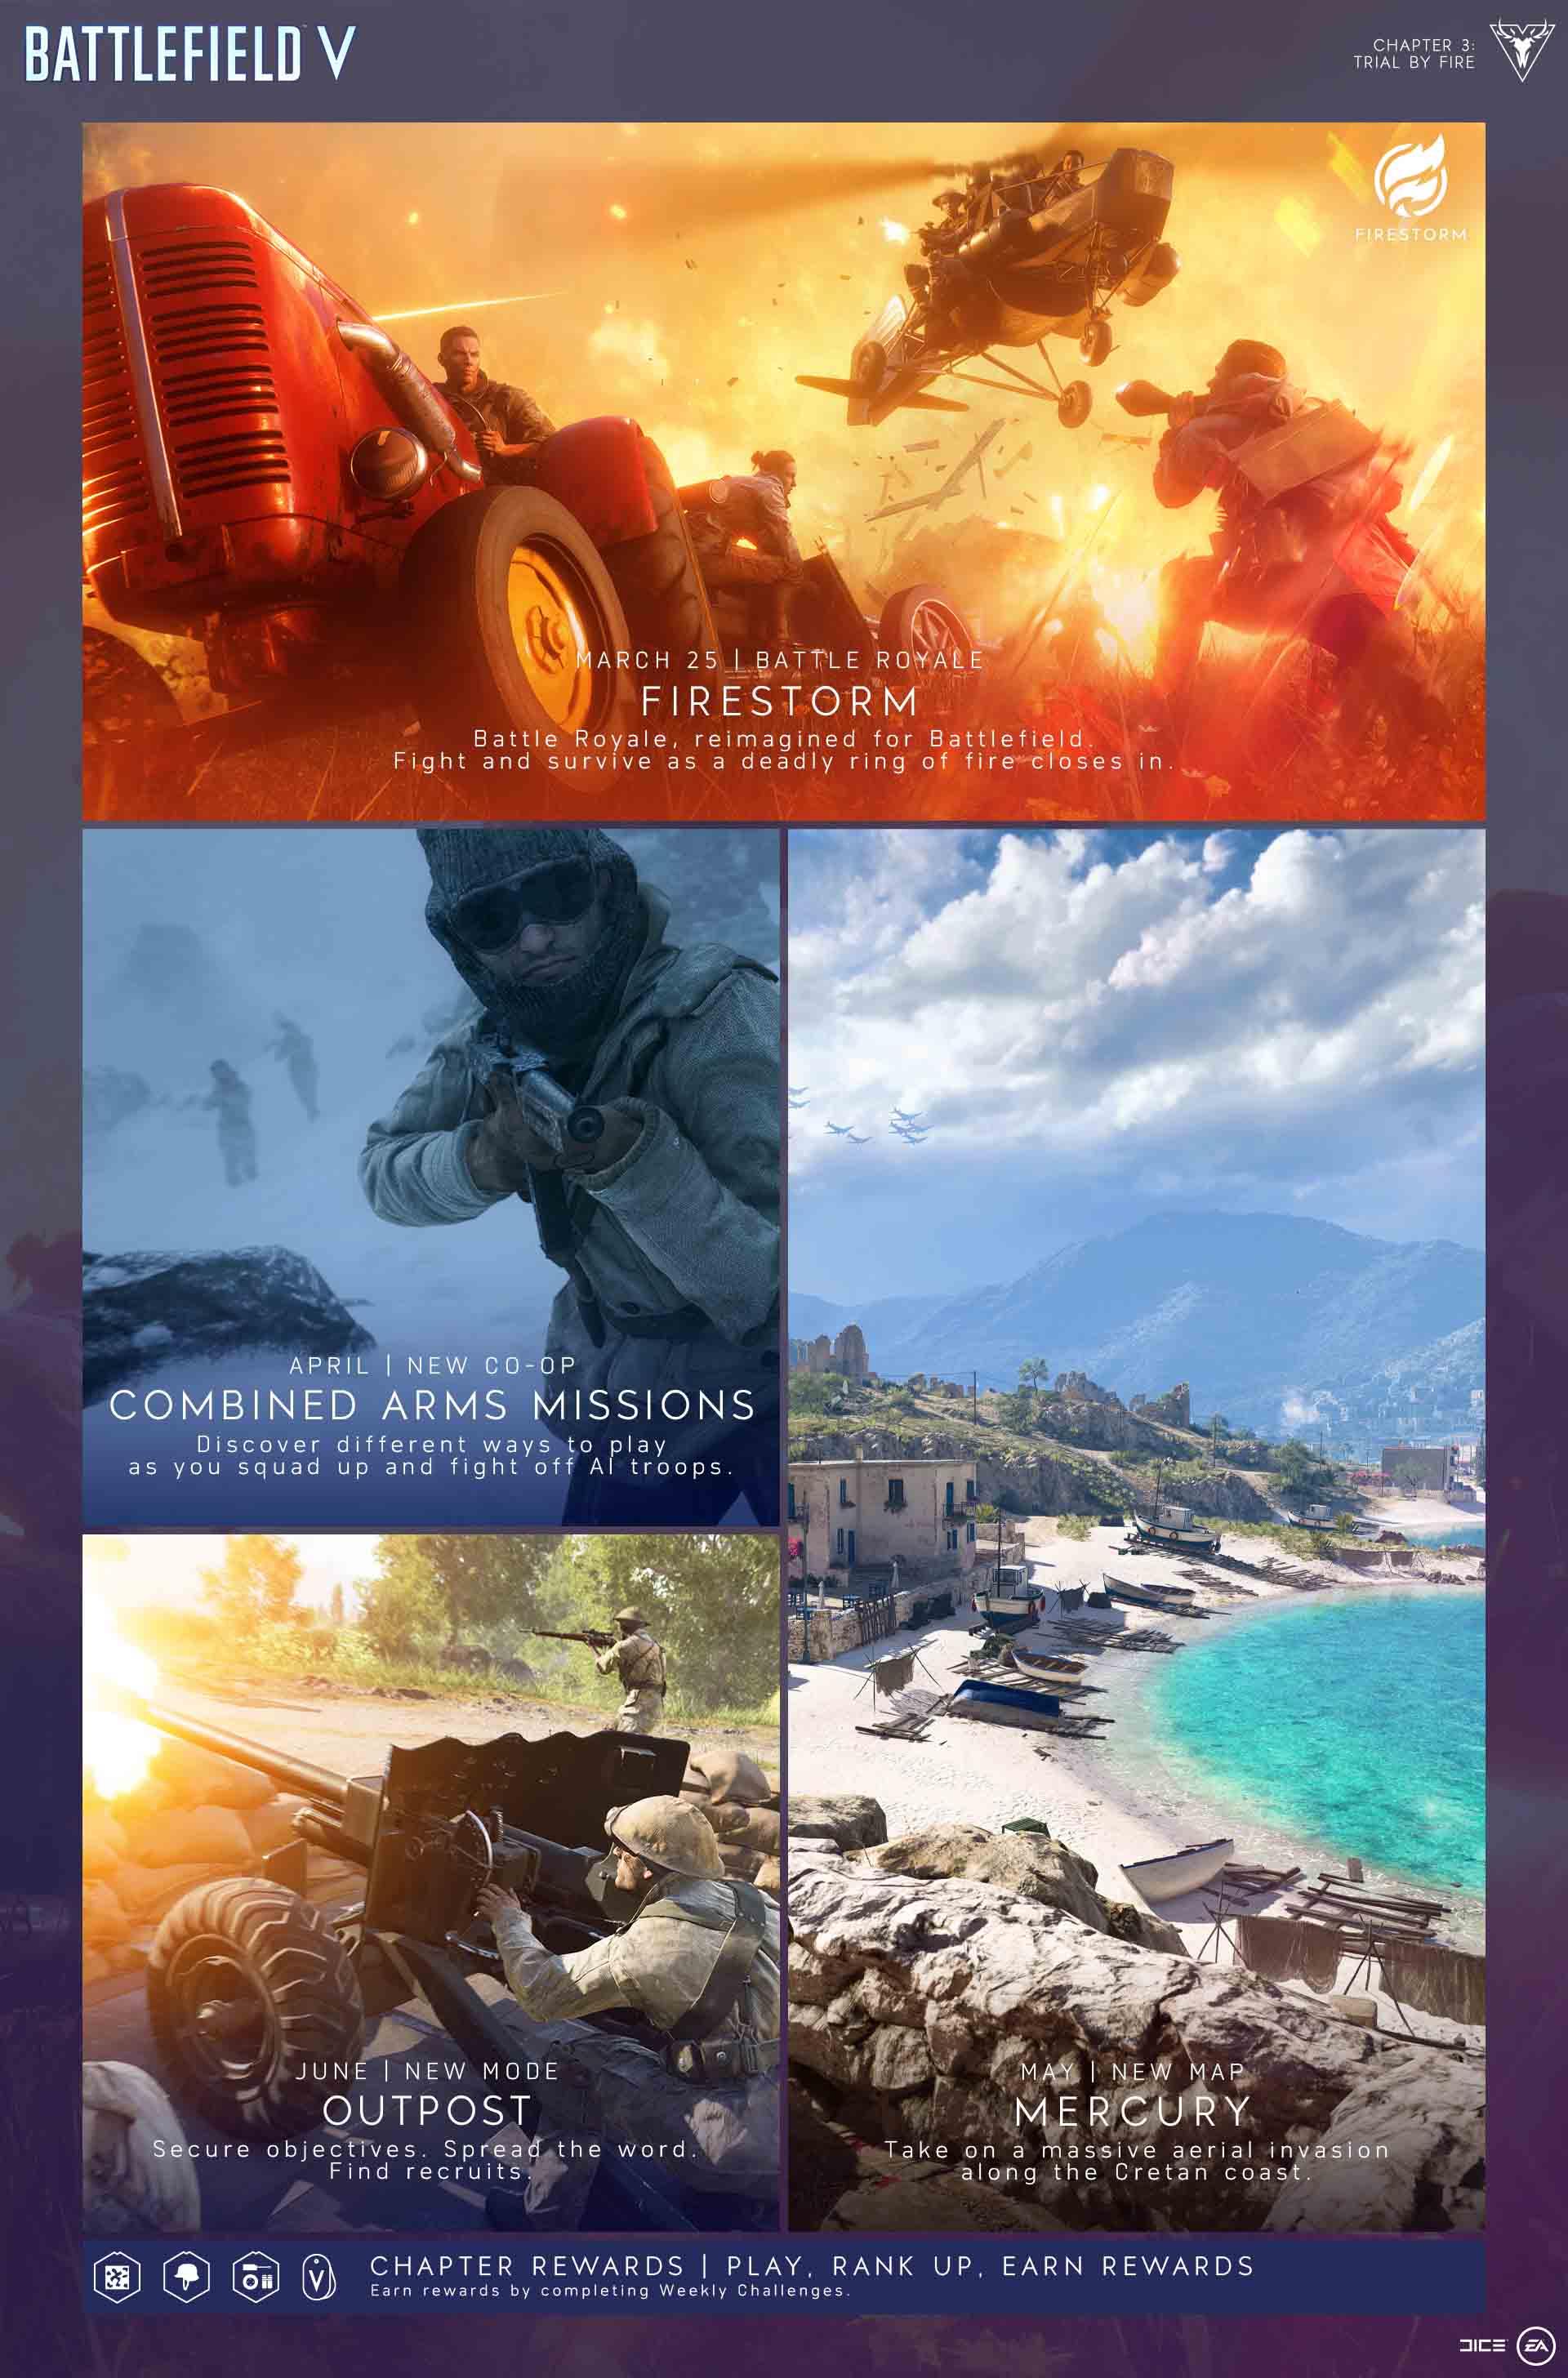 Battlefield V presenta nueva actualización, con importantes novedades para Firestorm 2